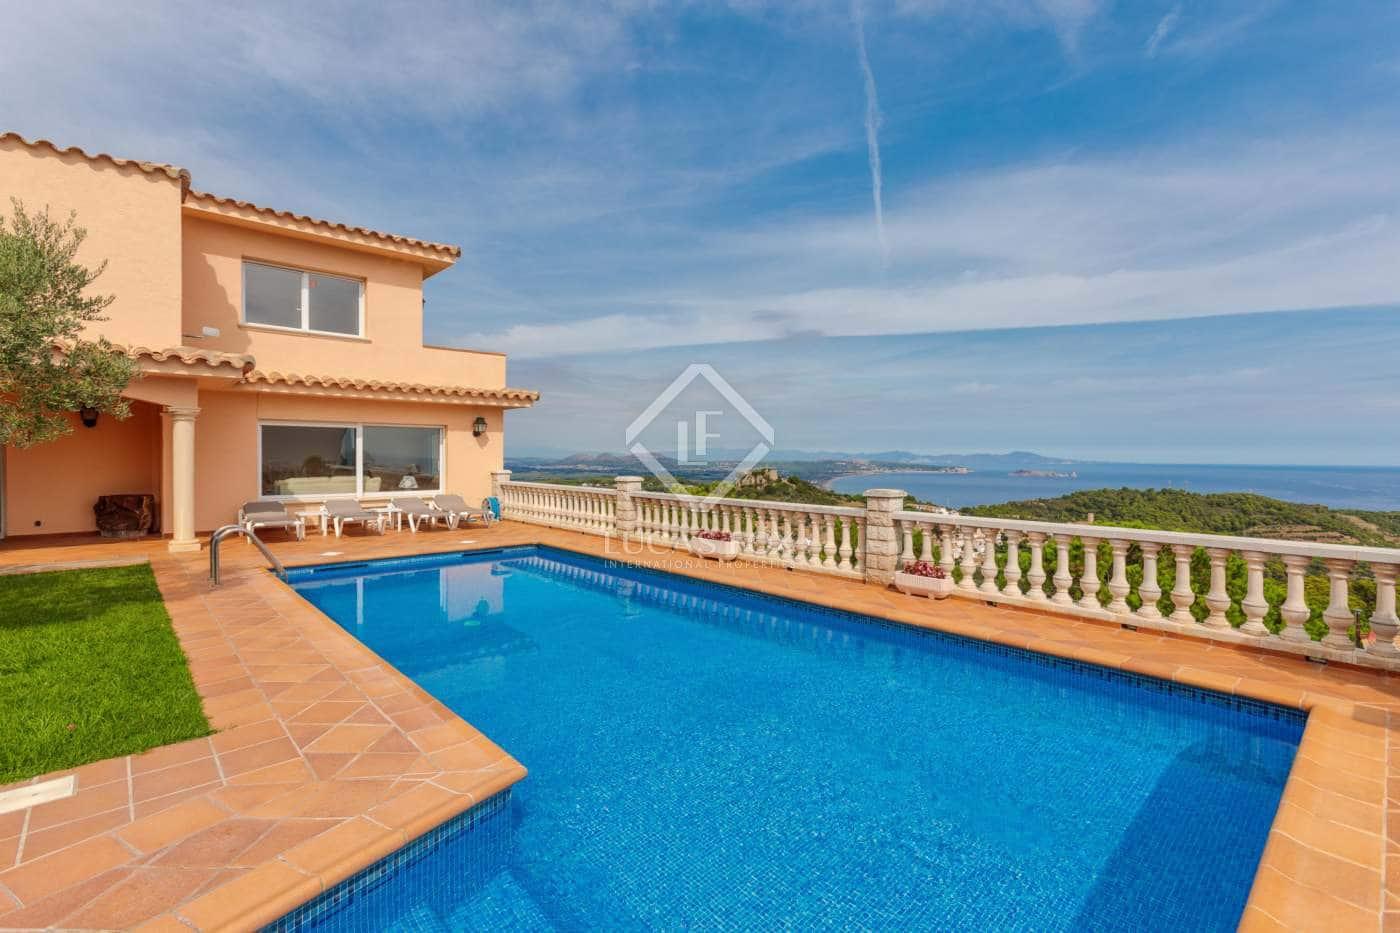 6 Zimmer Villa zu verkaufen in Begur mit Pool Garage - 1.330.000 € (Ref: 4192337)